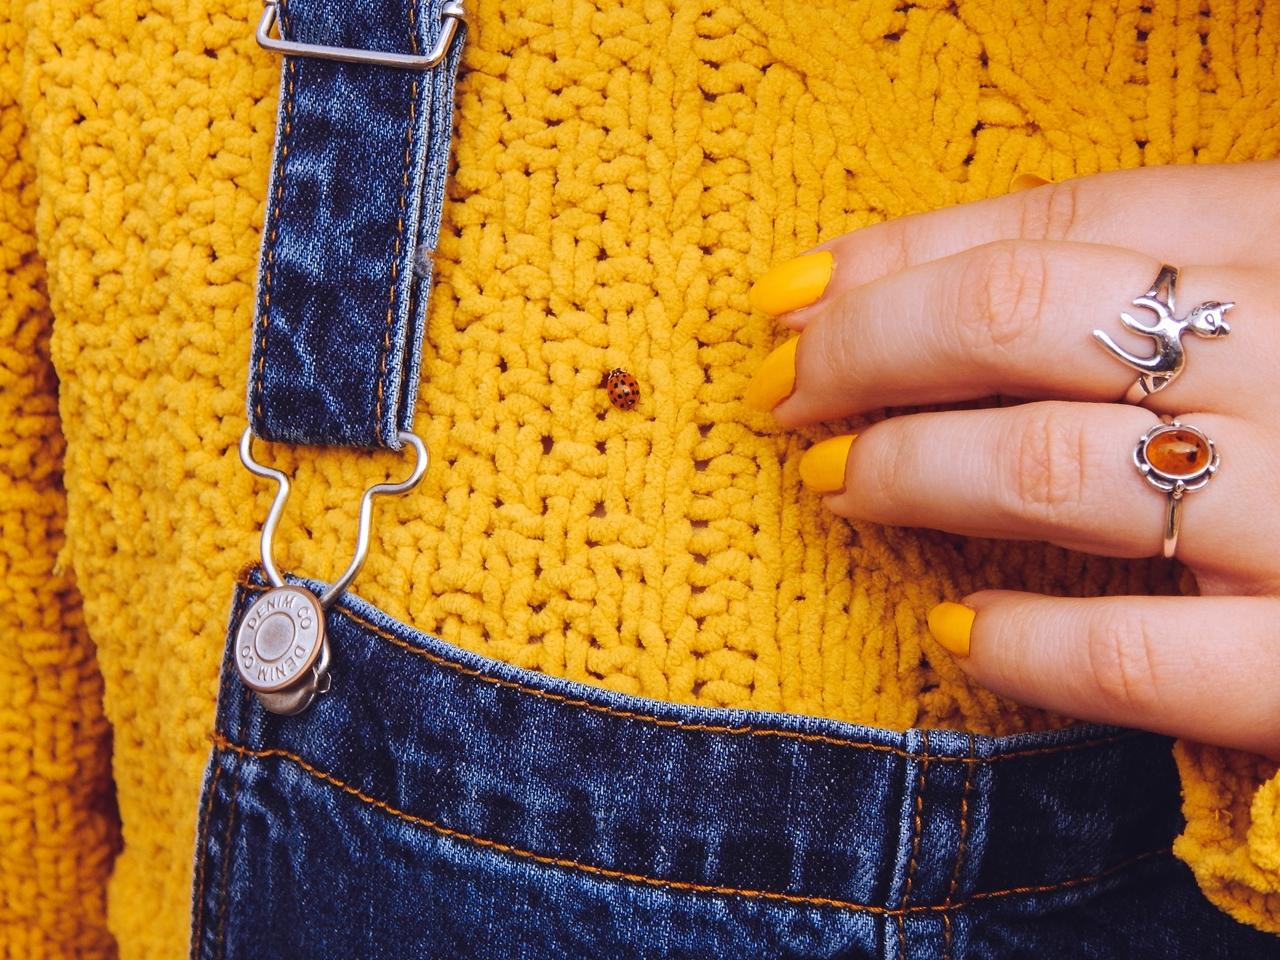 1 ogrodniczki jak dobrać do sylwetki hit czy kit gdzie kupić ogrodniczki jak nosić ogrodniczki pomysł na stylizację z ogrodniczkami jak ubierać się jesienią pomysł na żółty sweter jak nosić kolorowe skarpetki